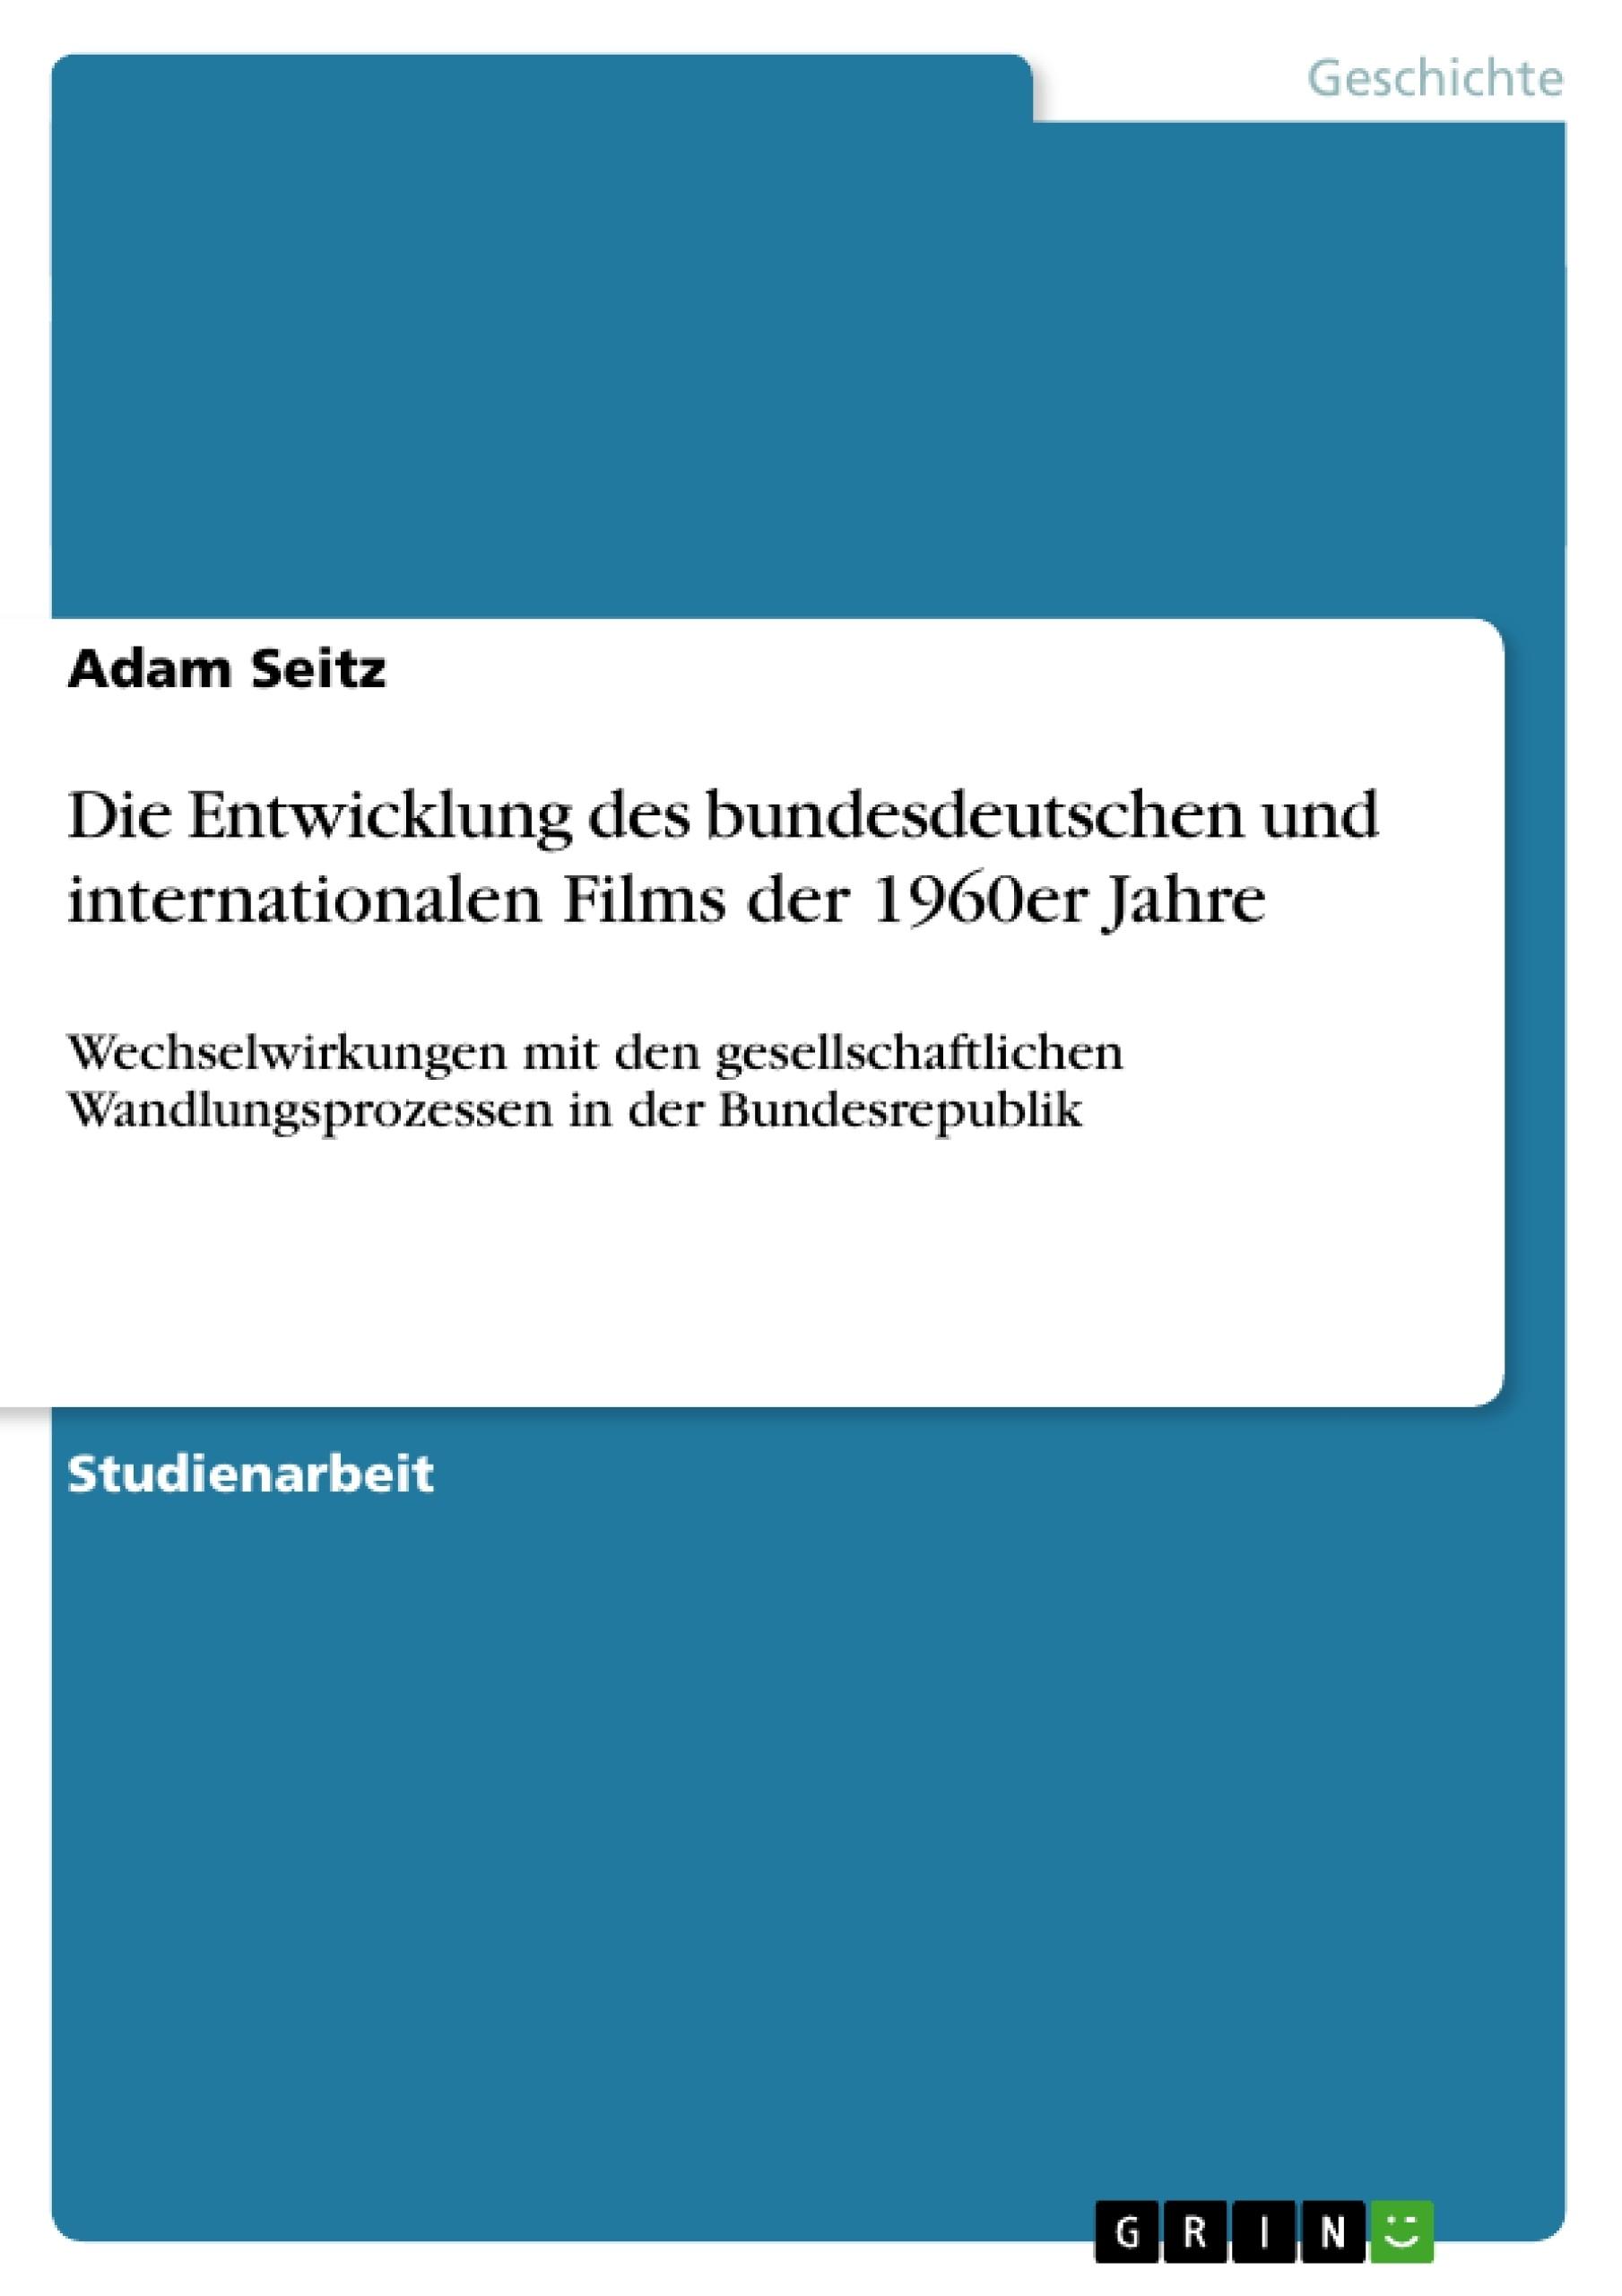 Titel: Die Entwicklung des bundesdeutschen und internationalen Films der 1960er Jahre